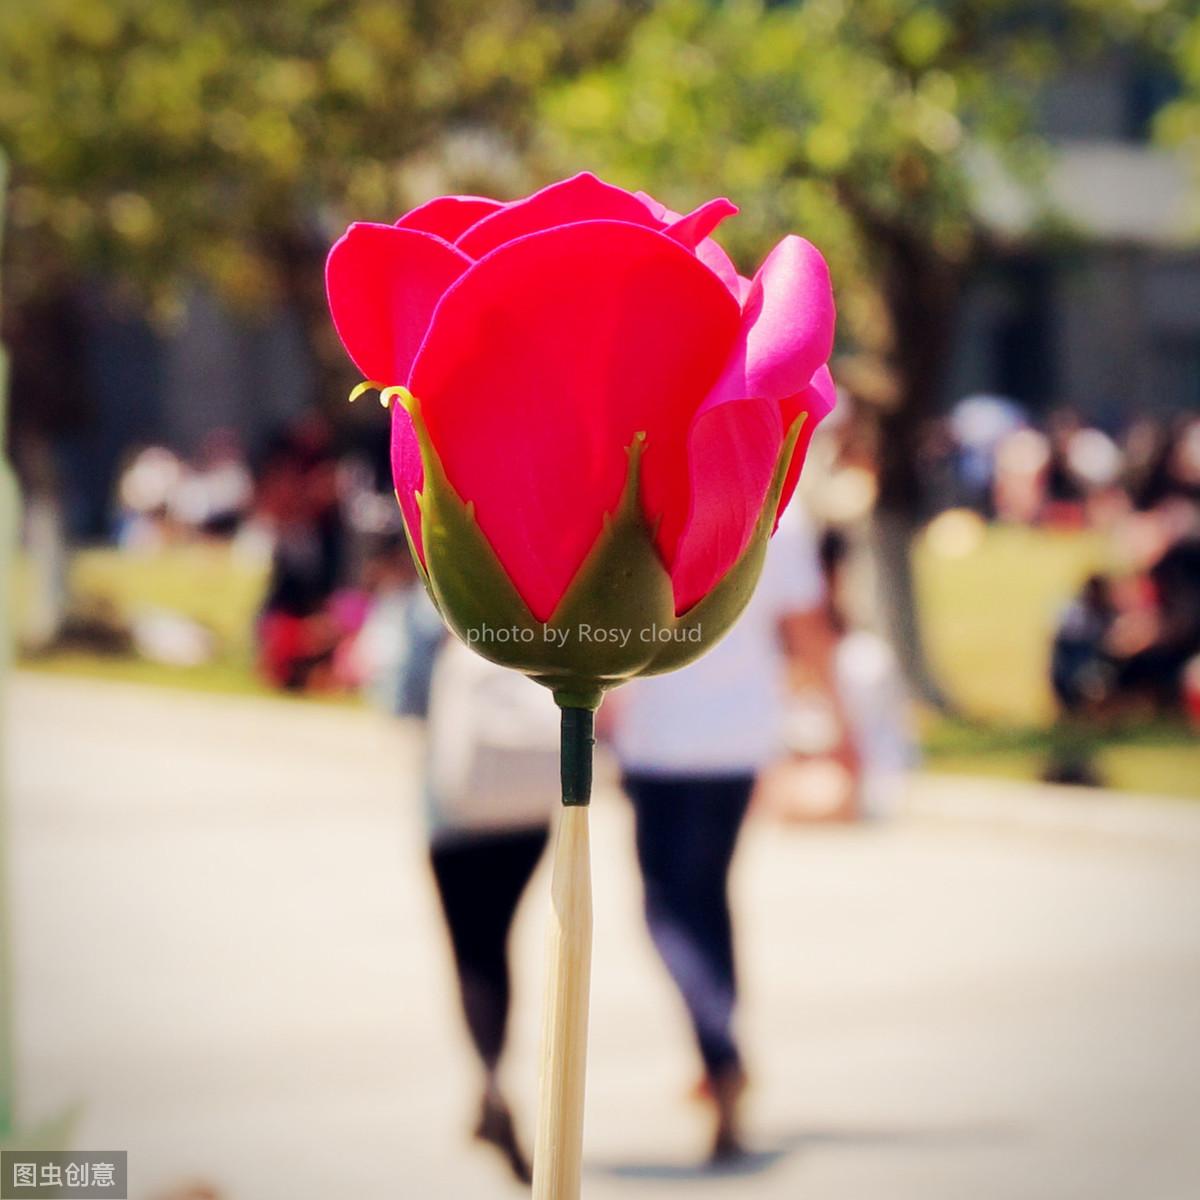 大学生恋爱,一场风花雪月,结果比过程更重要,要选对人